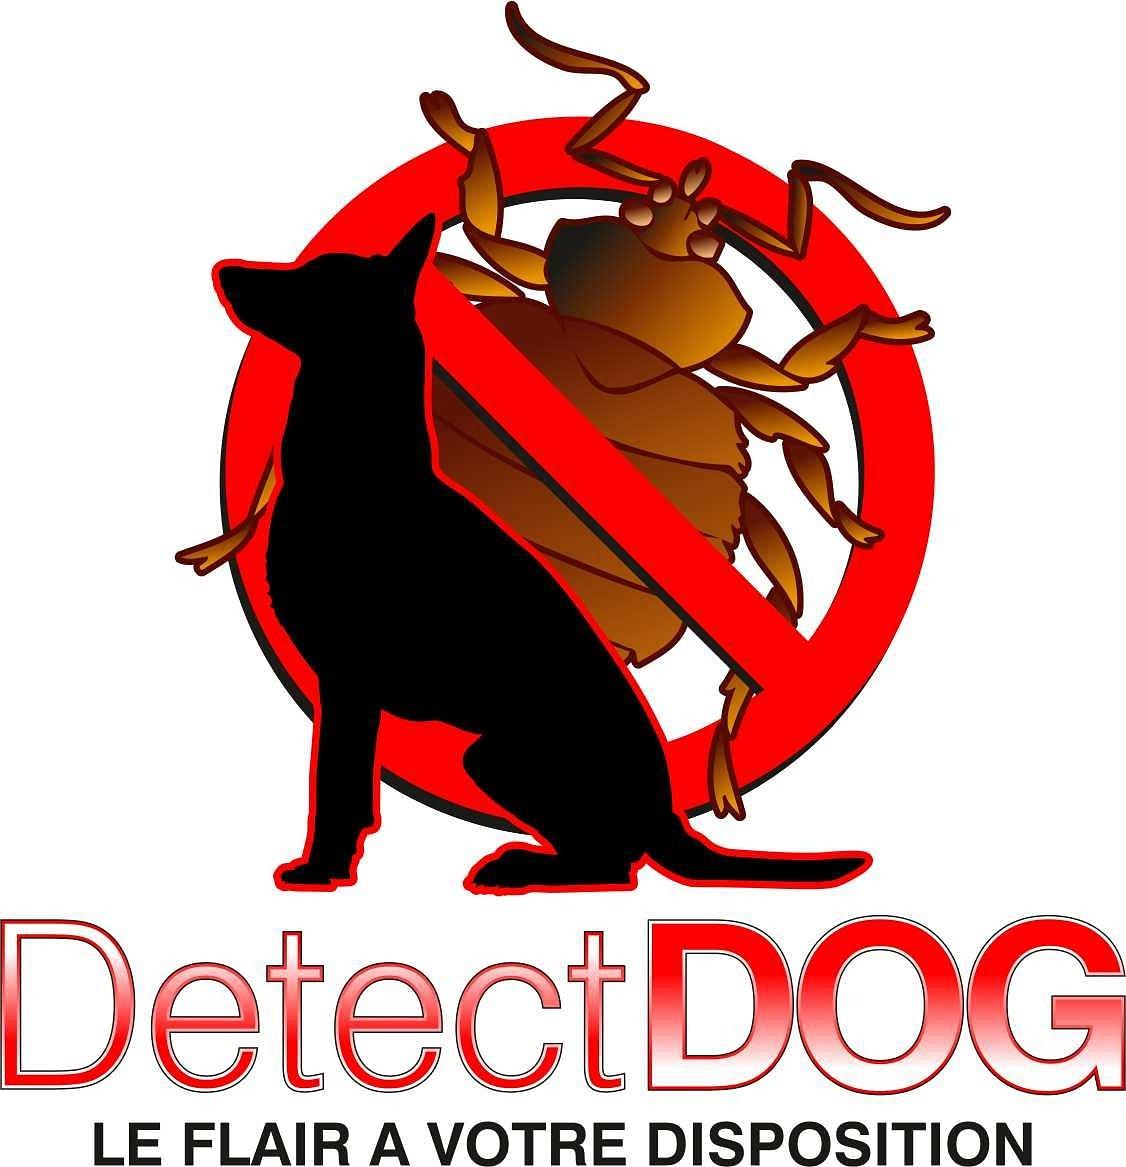 DetectDOG by HDD, Horner Détection Désinfestation sàrl